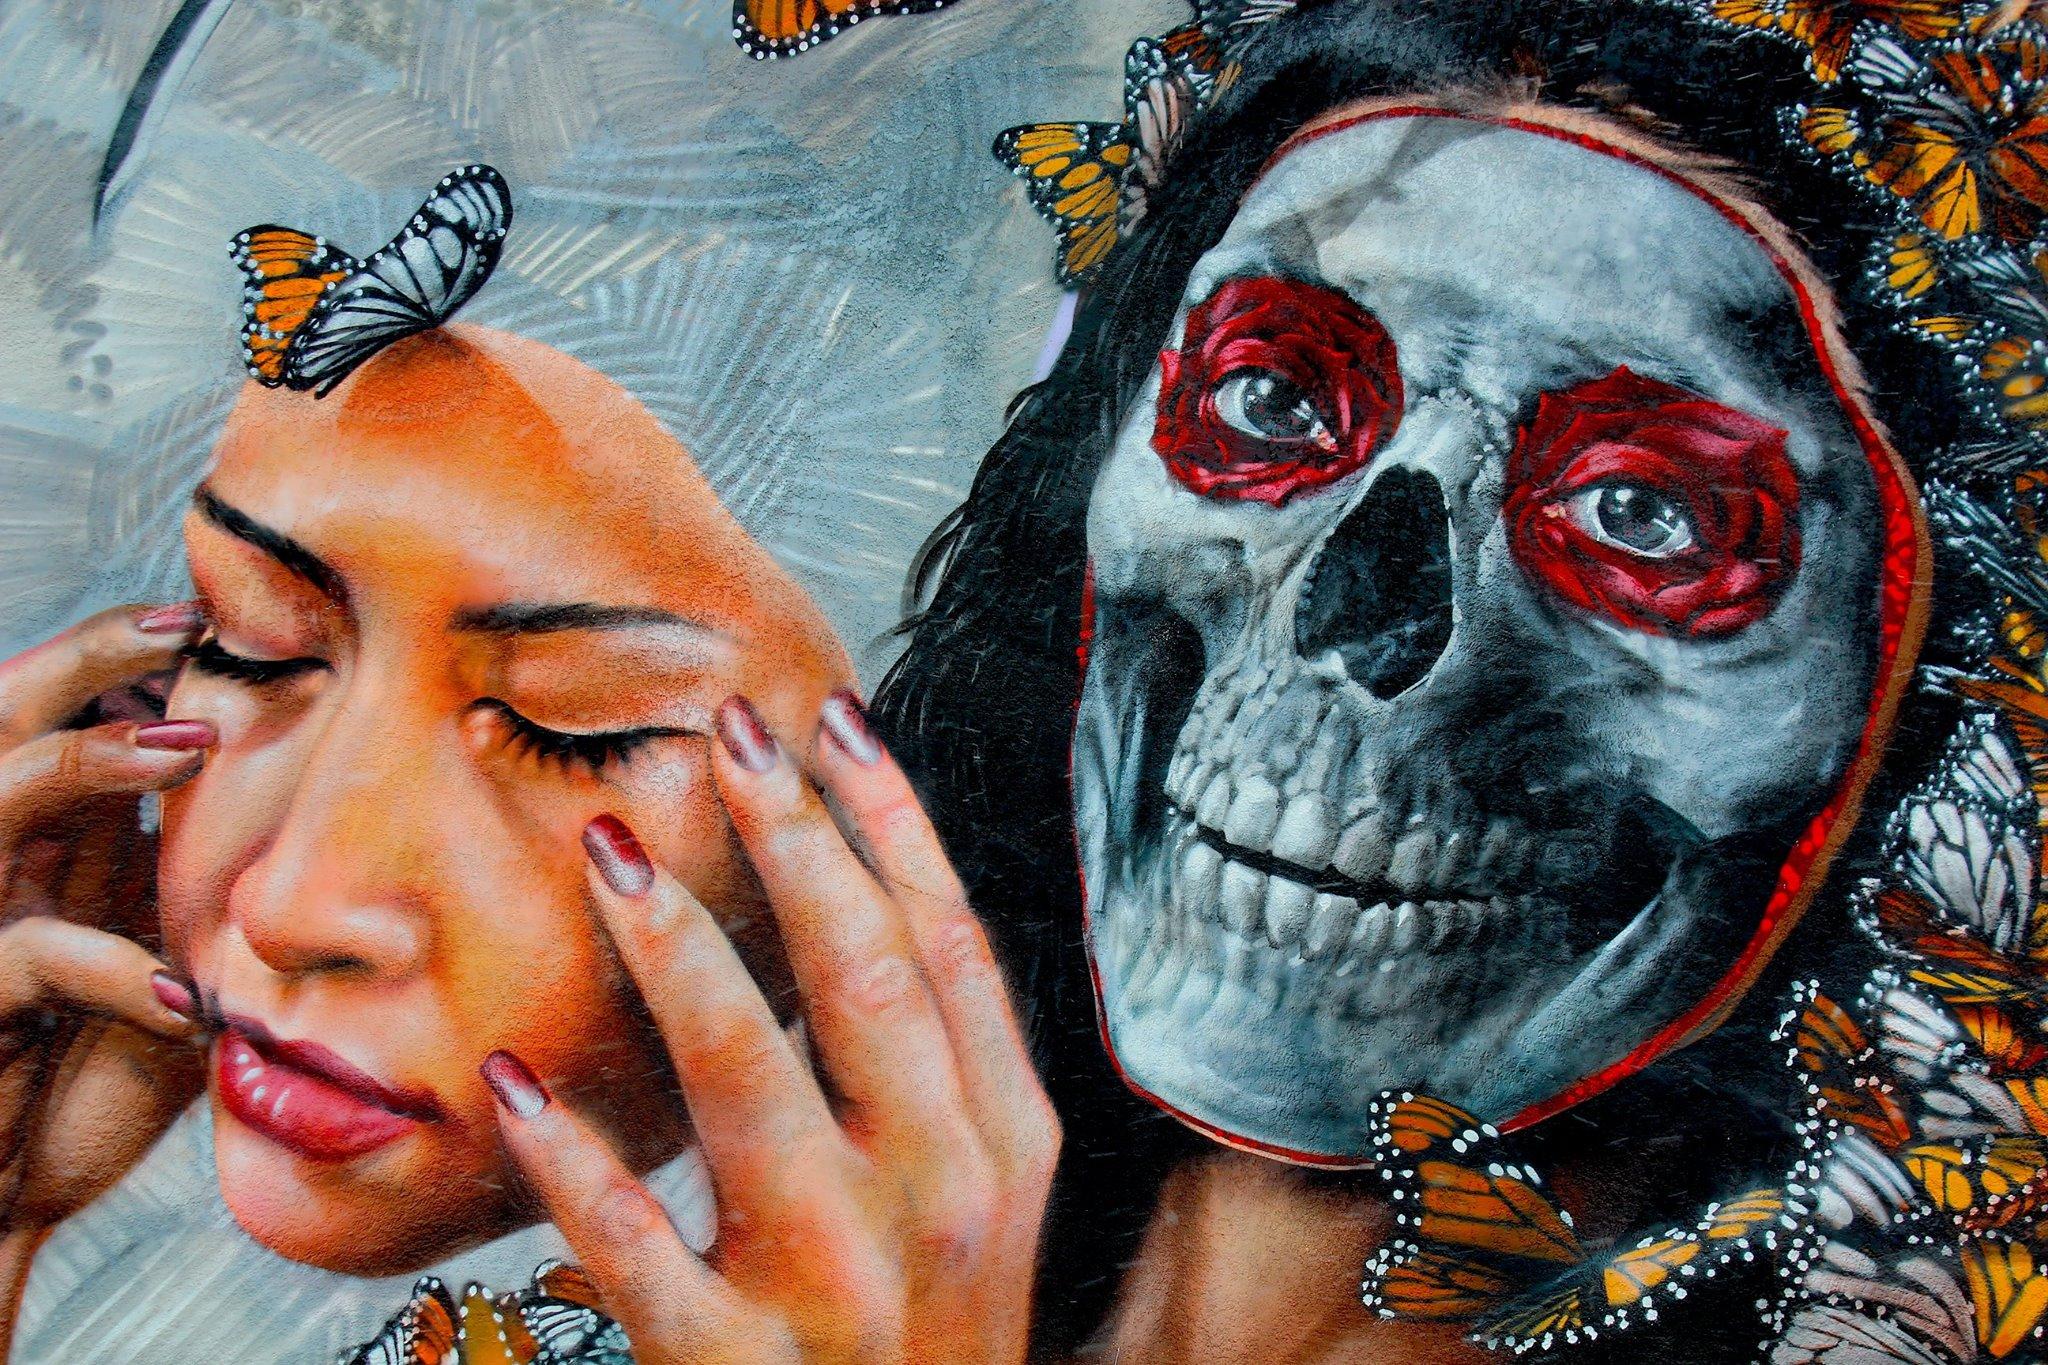 Dia De Los Muertos mural by Gamma Gallery 1